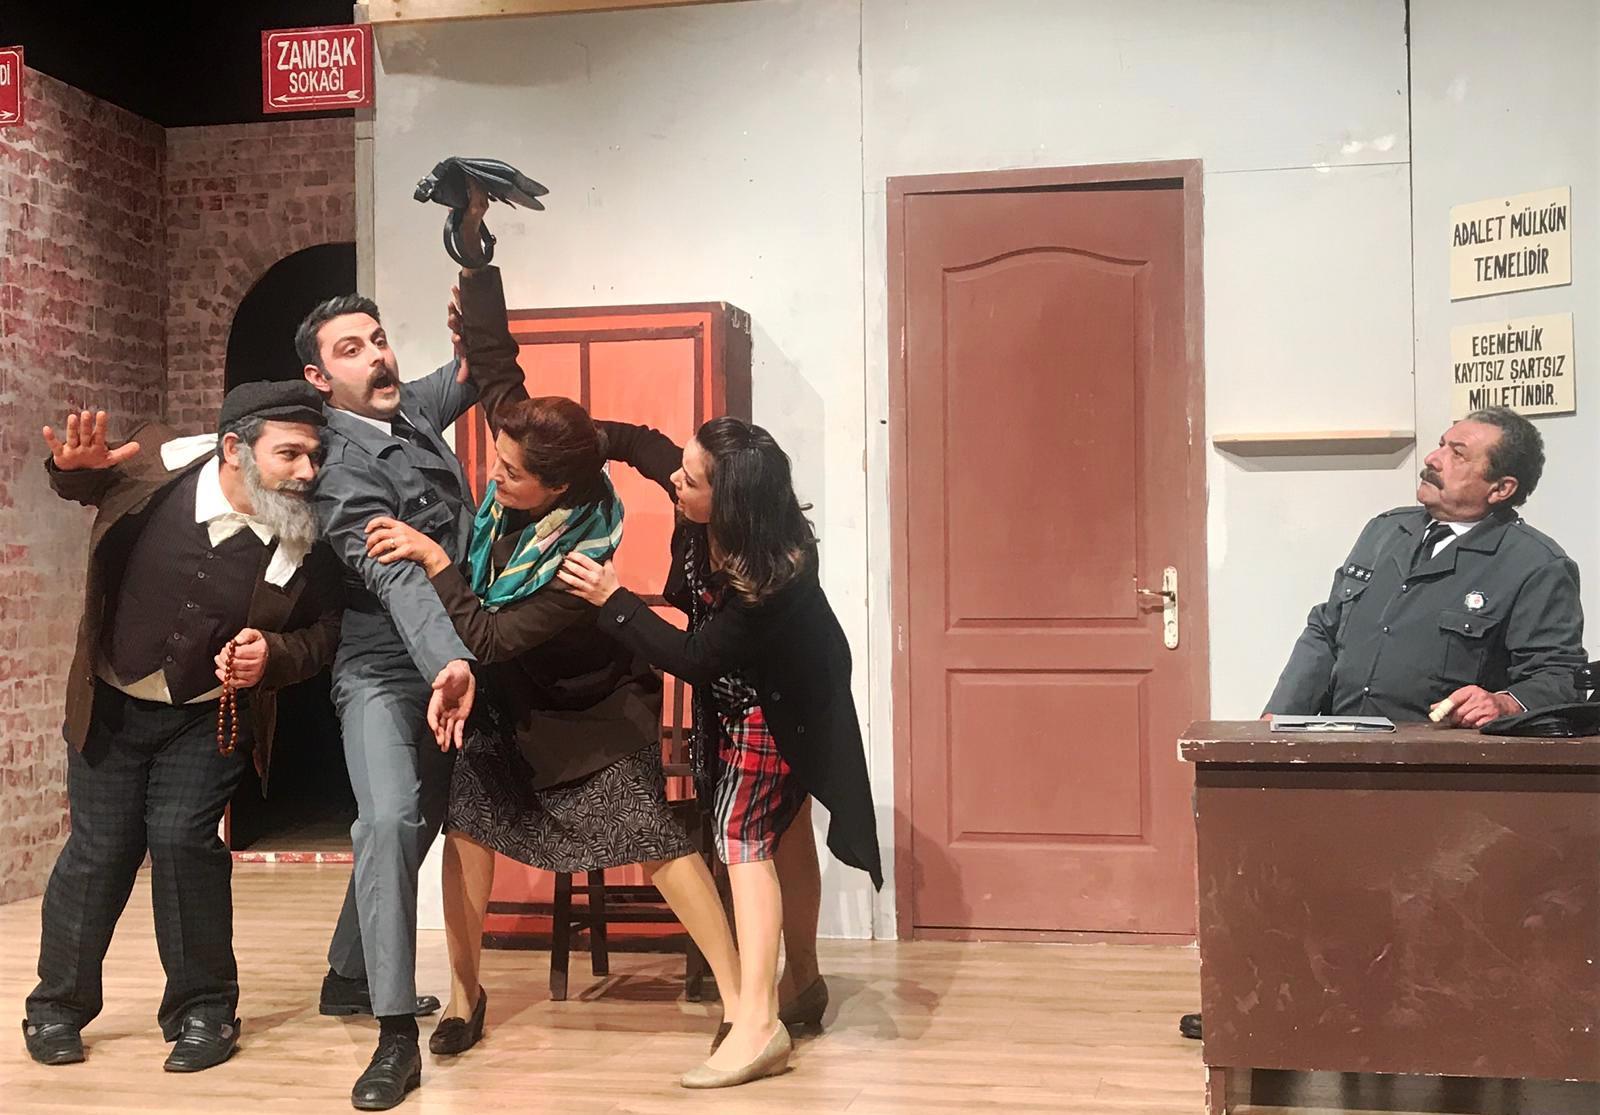 BODRUM BELEDİYESİ ŞEHİR TİYATROSU 17 OCAK'TA PERDE DİYECEK… bodrum belediyesi sehir tiyatrosu 2019 perdesini aciyor 3